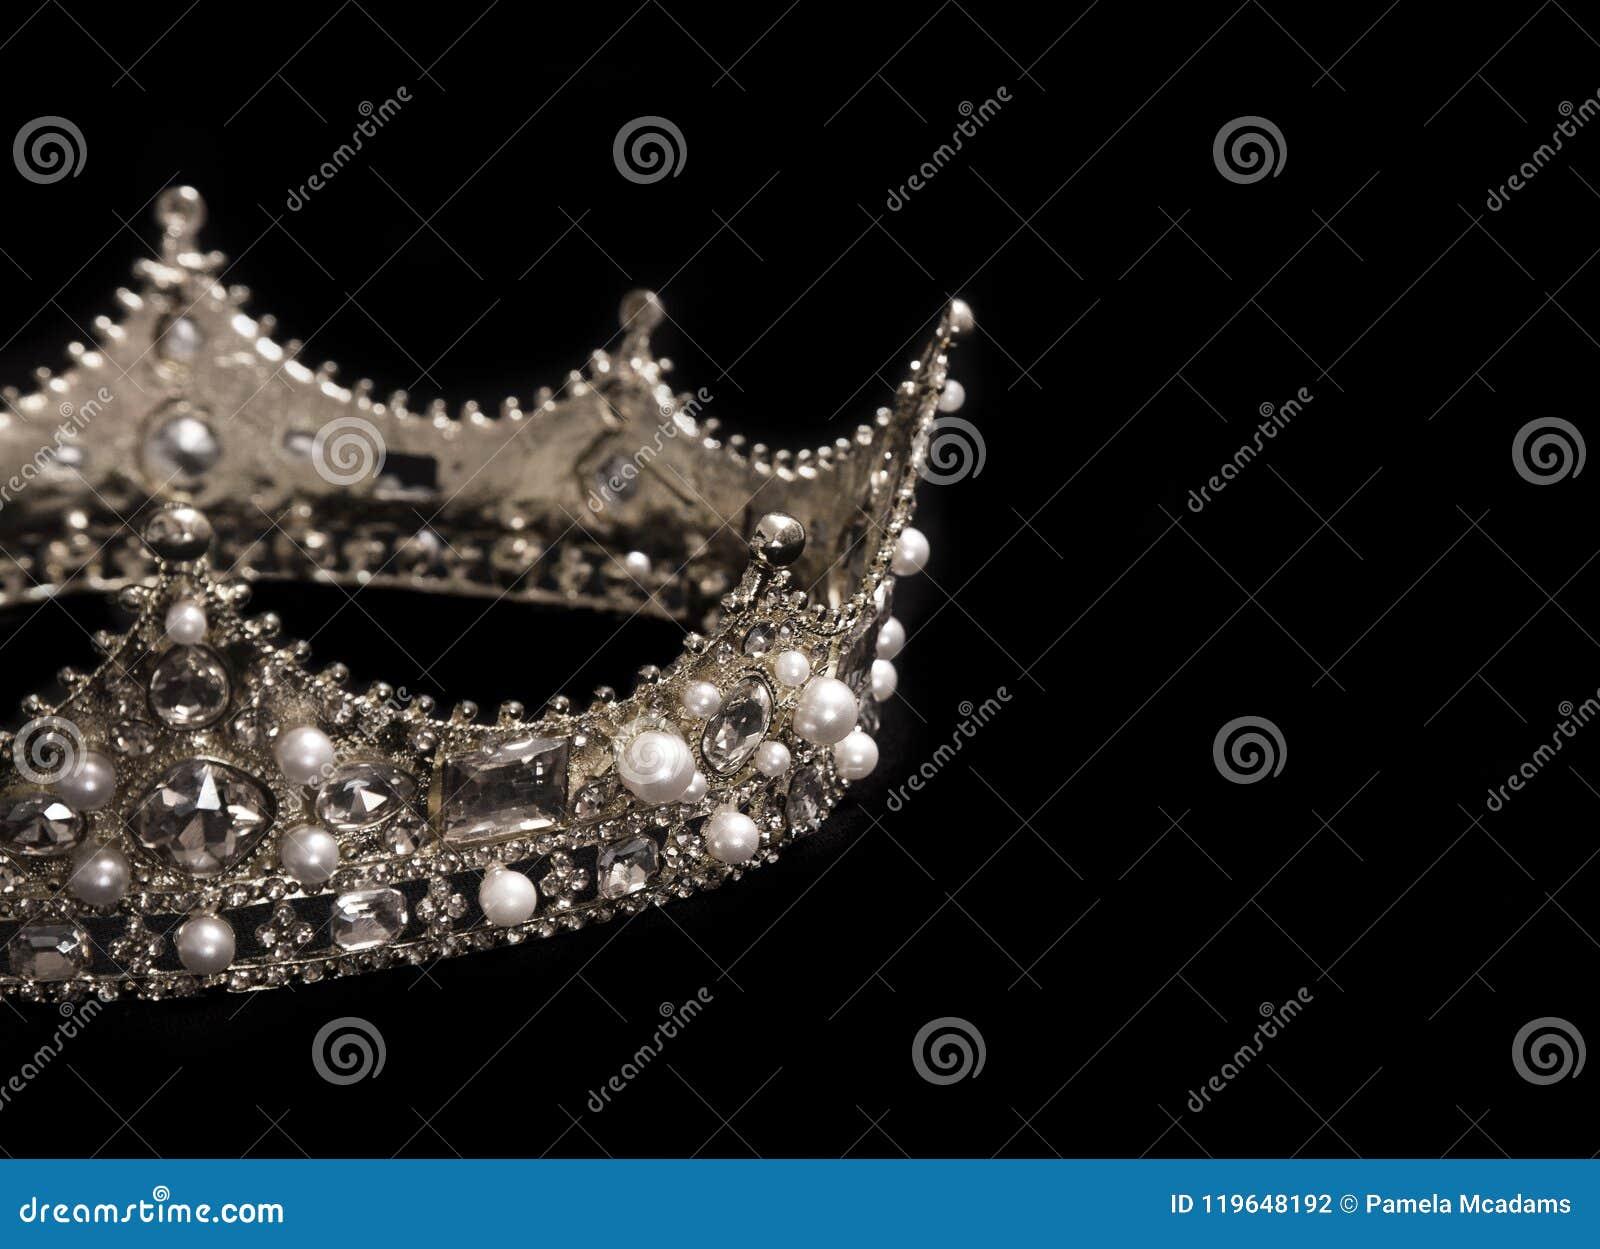 Король или крона ферзей